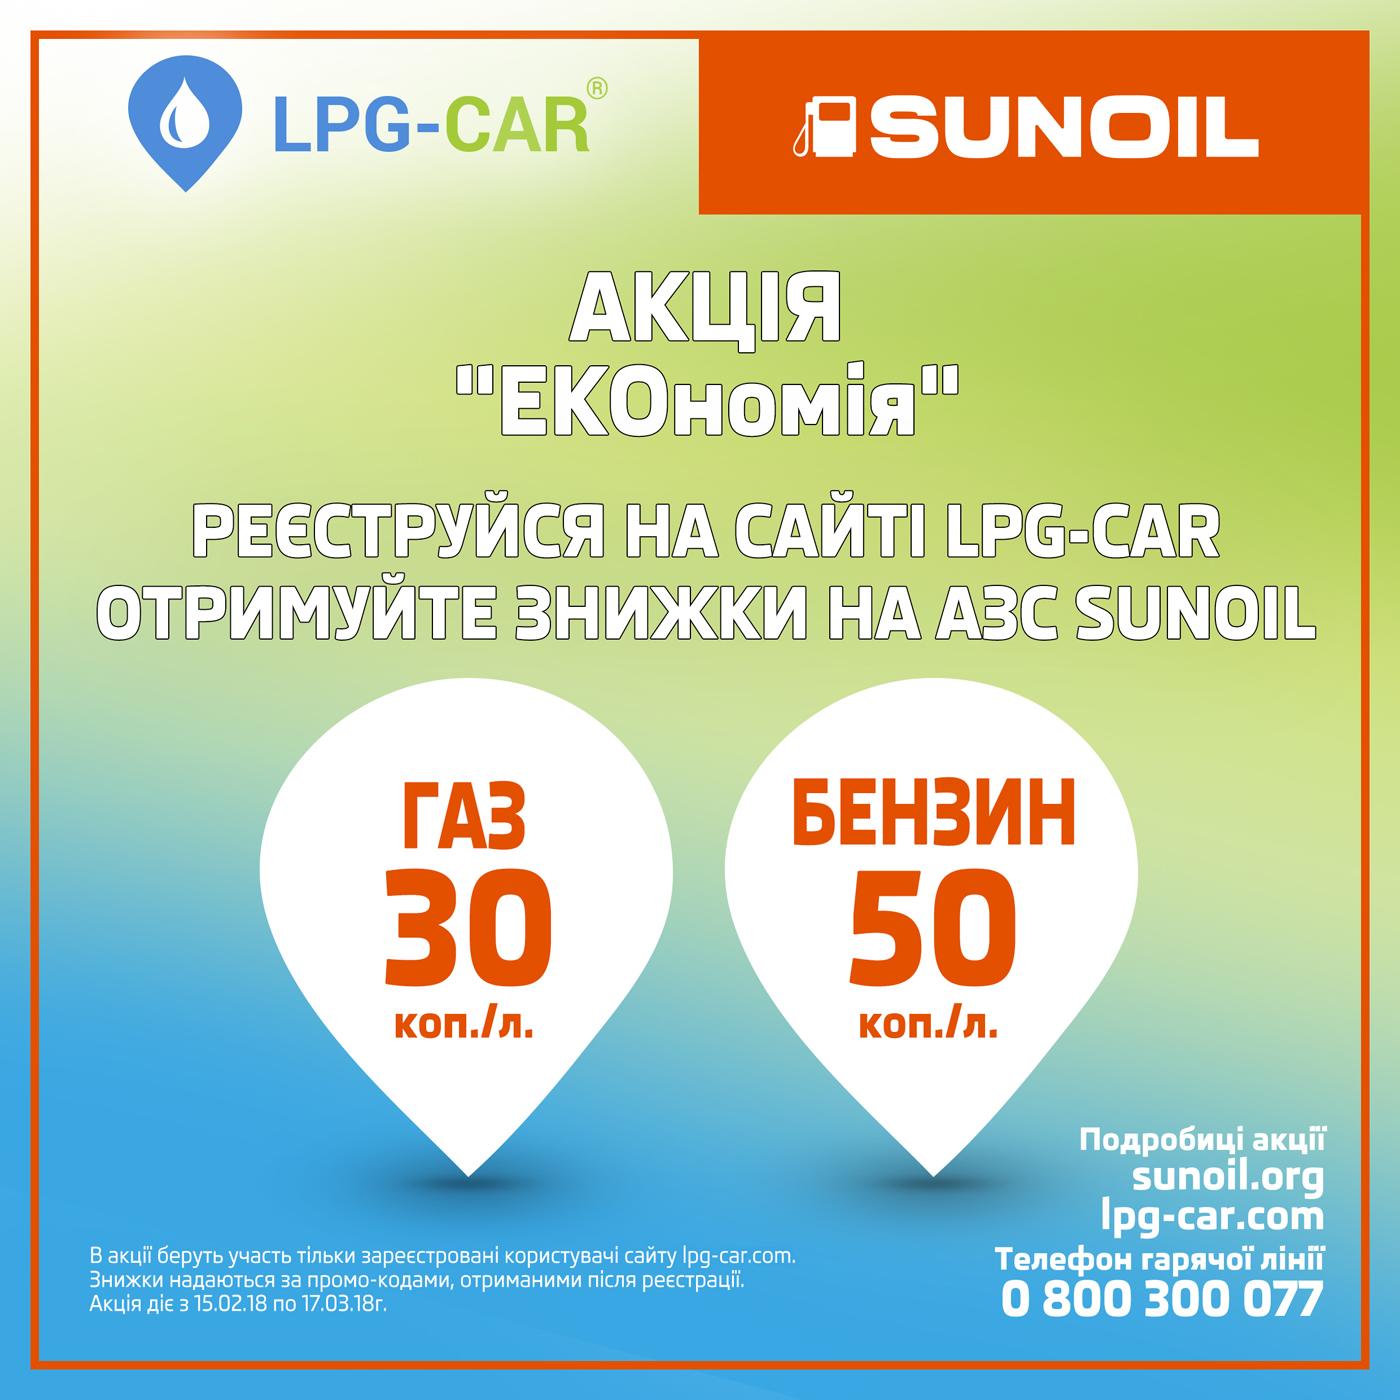 Enkorr: SUN OIL предоставит скидки на топливо для пользователей LPG-CAR